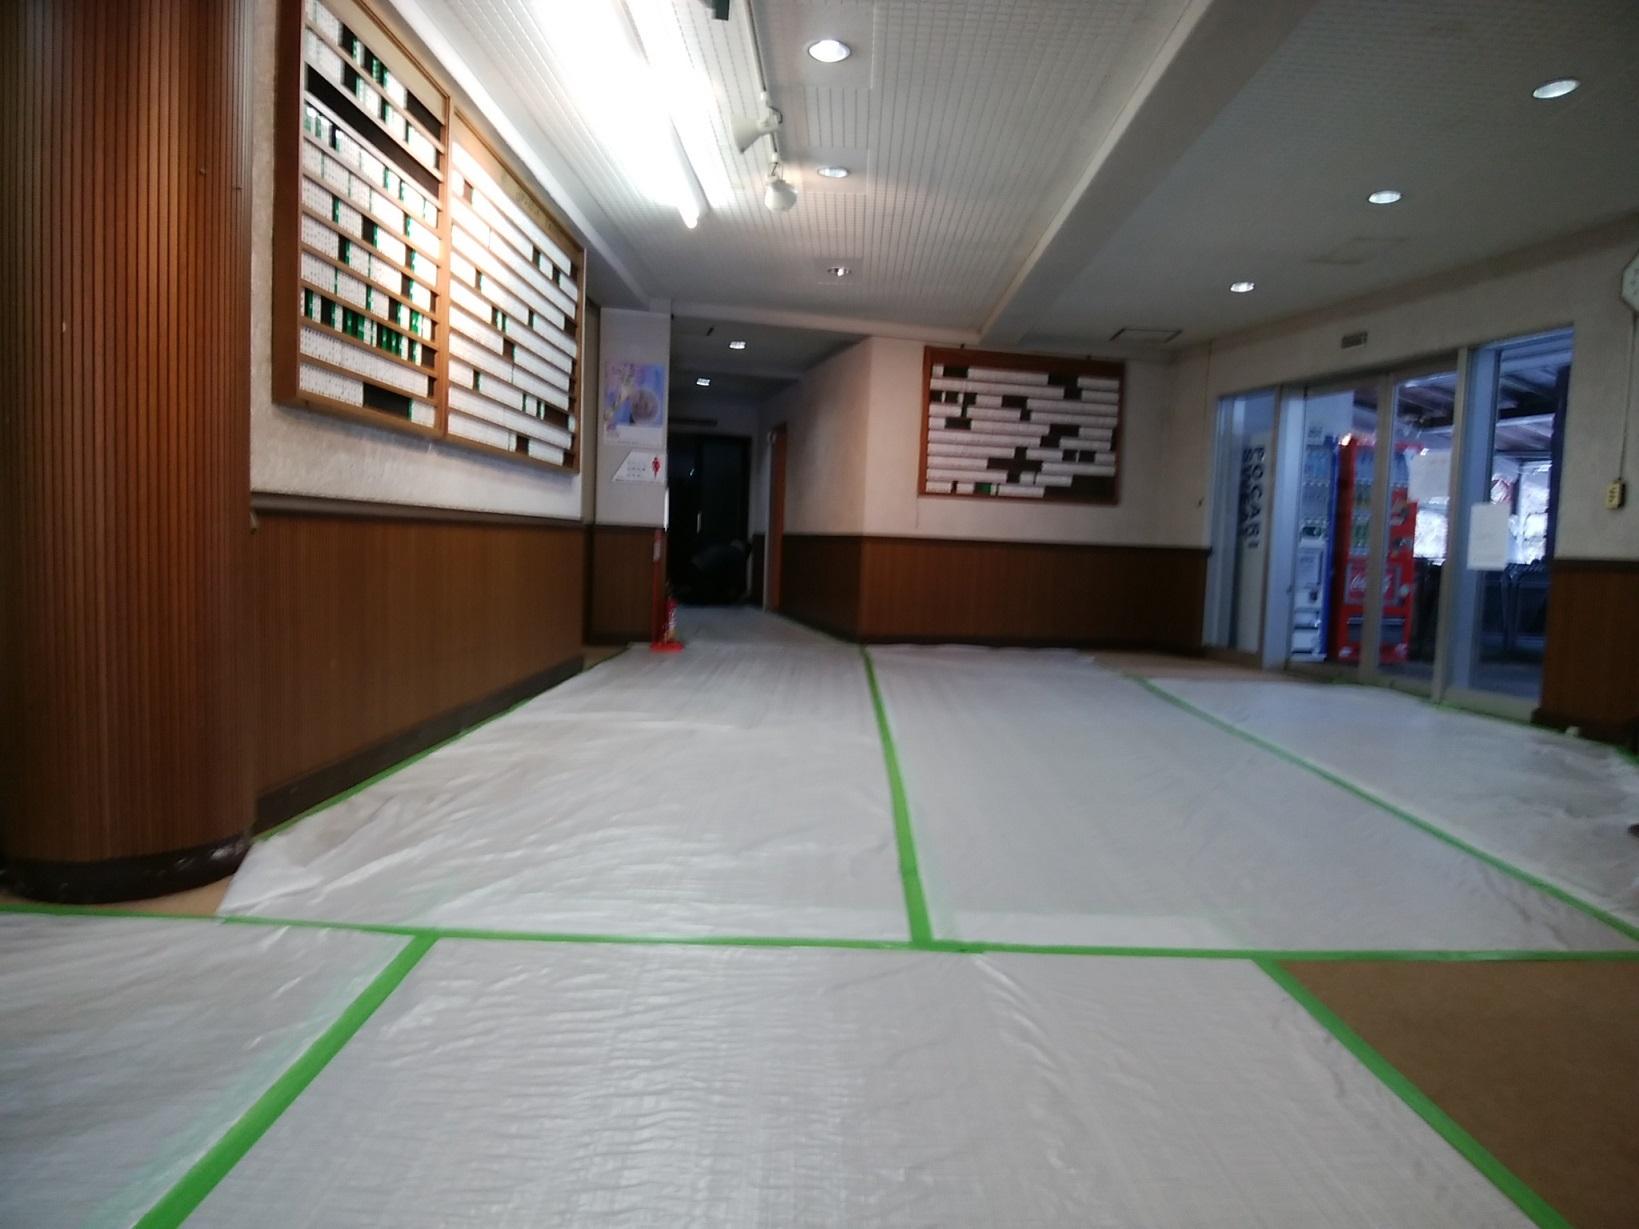 嬬恋・浅間高原ウインターフェスティバル2018 準備_f0180878_18404607.jpg